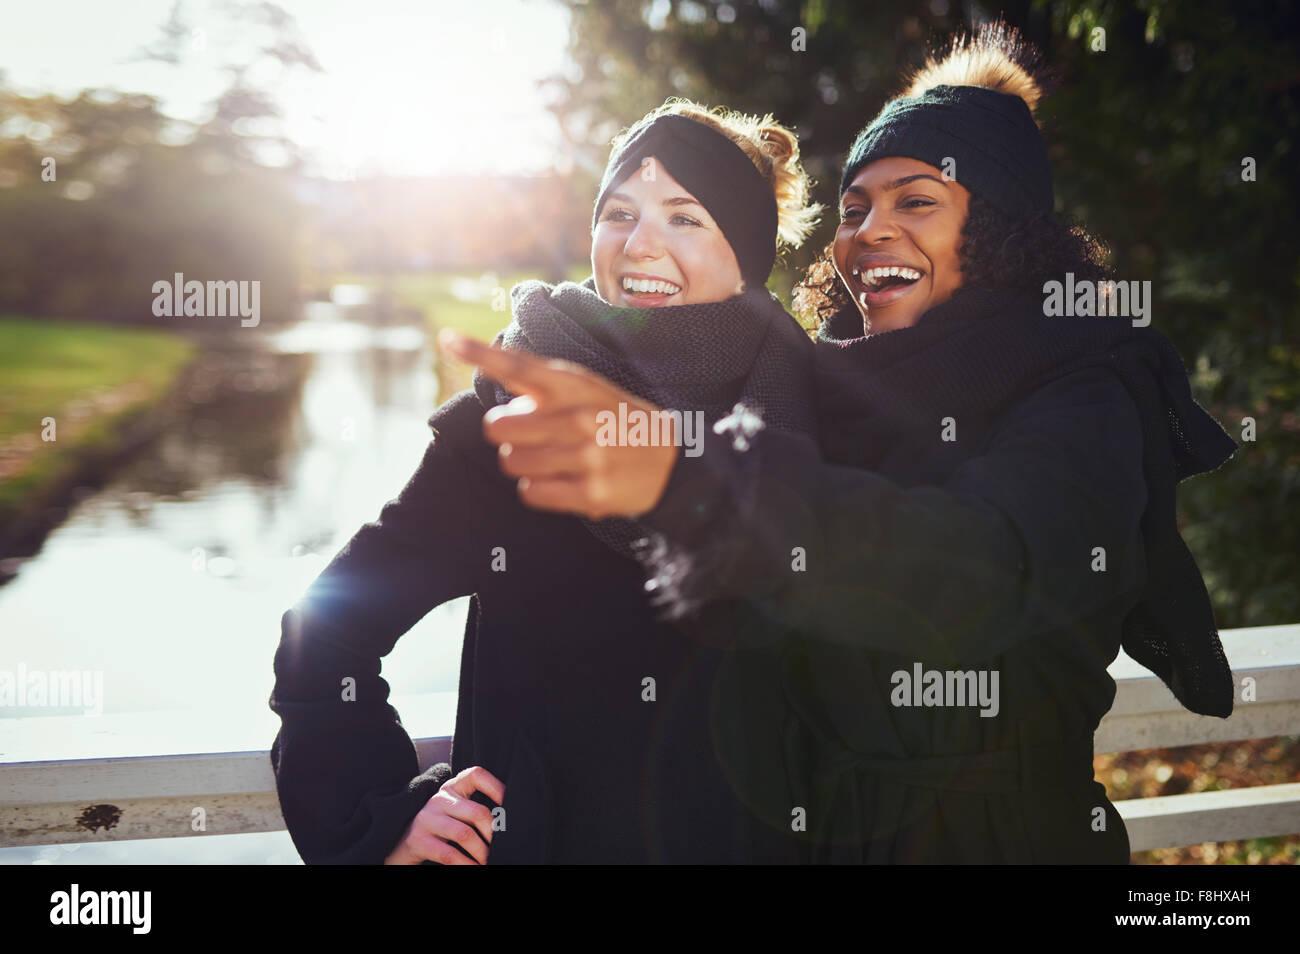 Deux copines de rire de quelque chose alors qu'il se trouvait dans le parc contre de rivière. Photo Stock